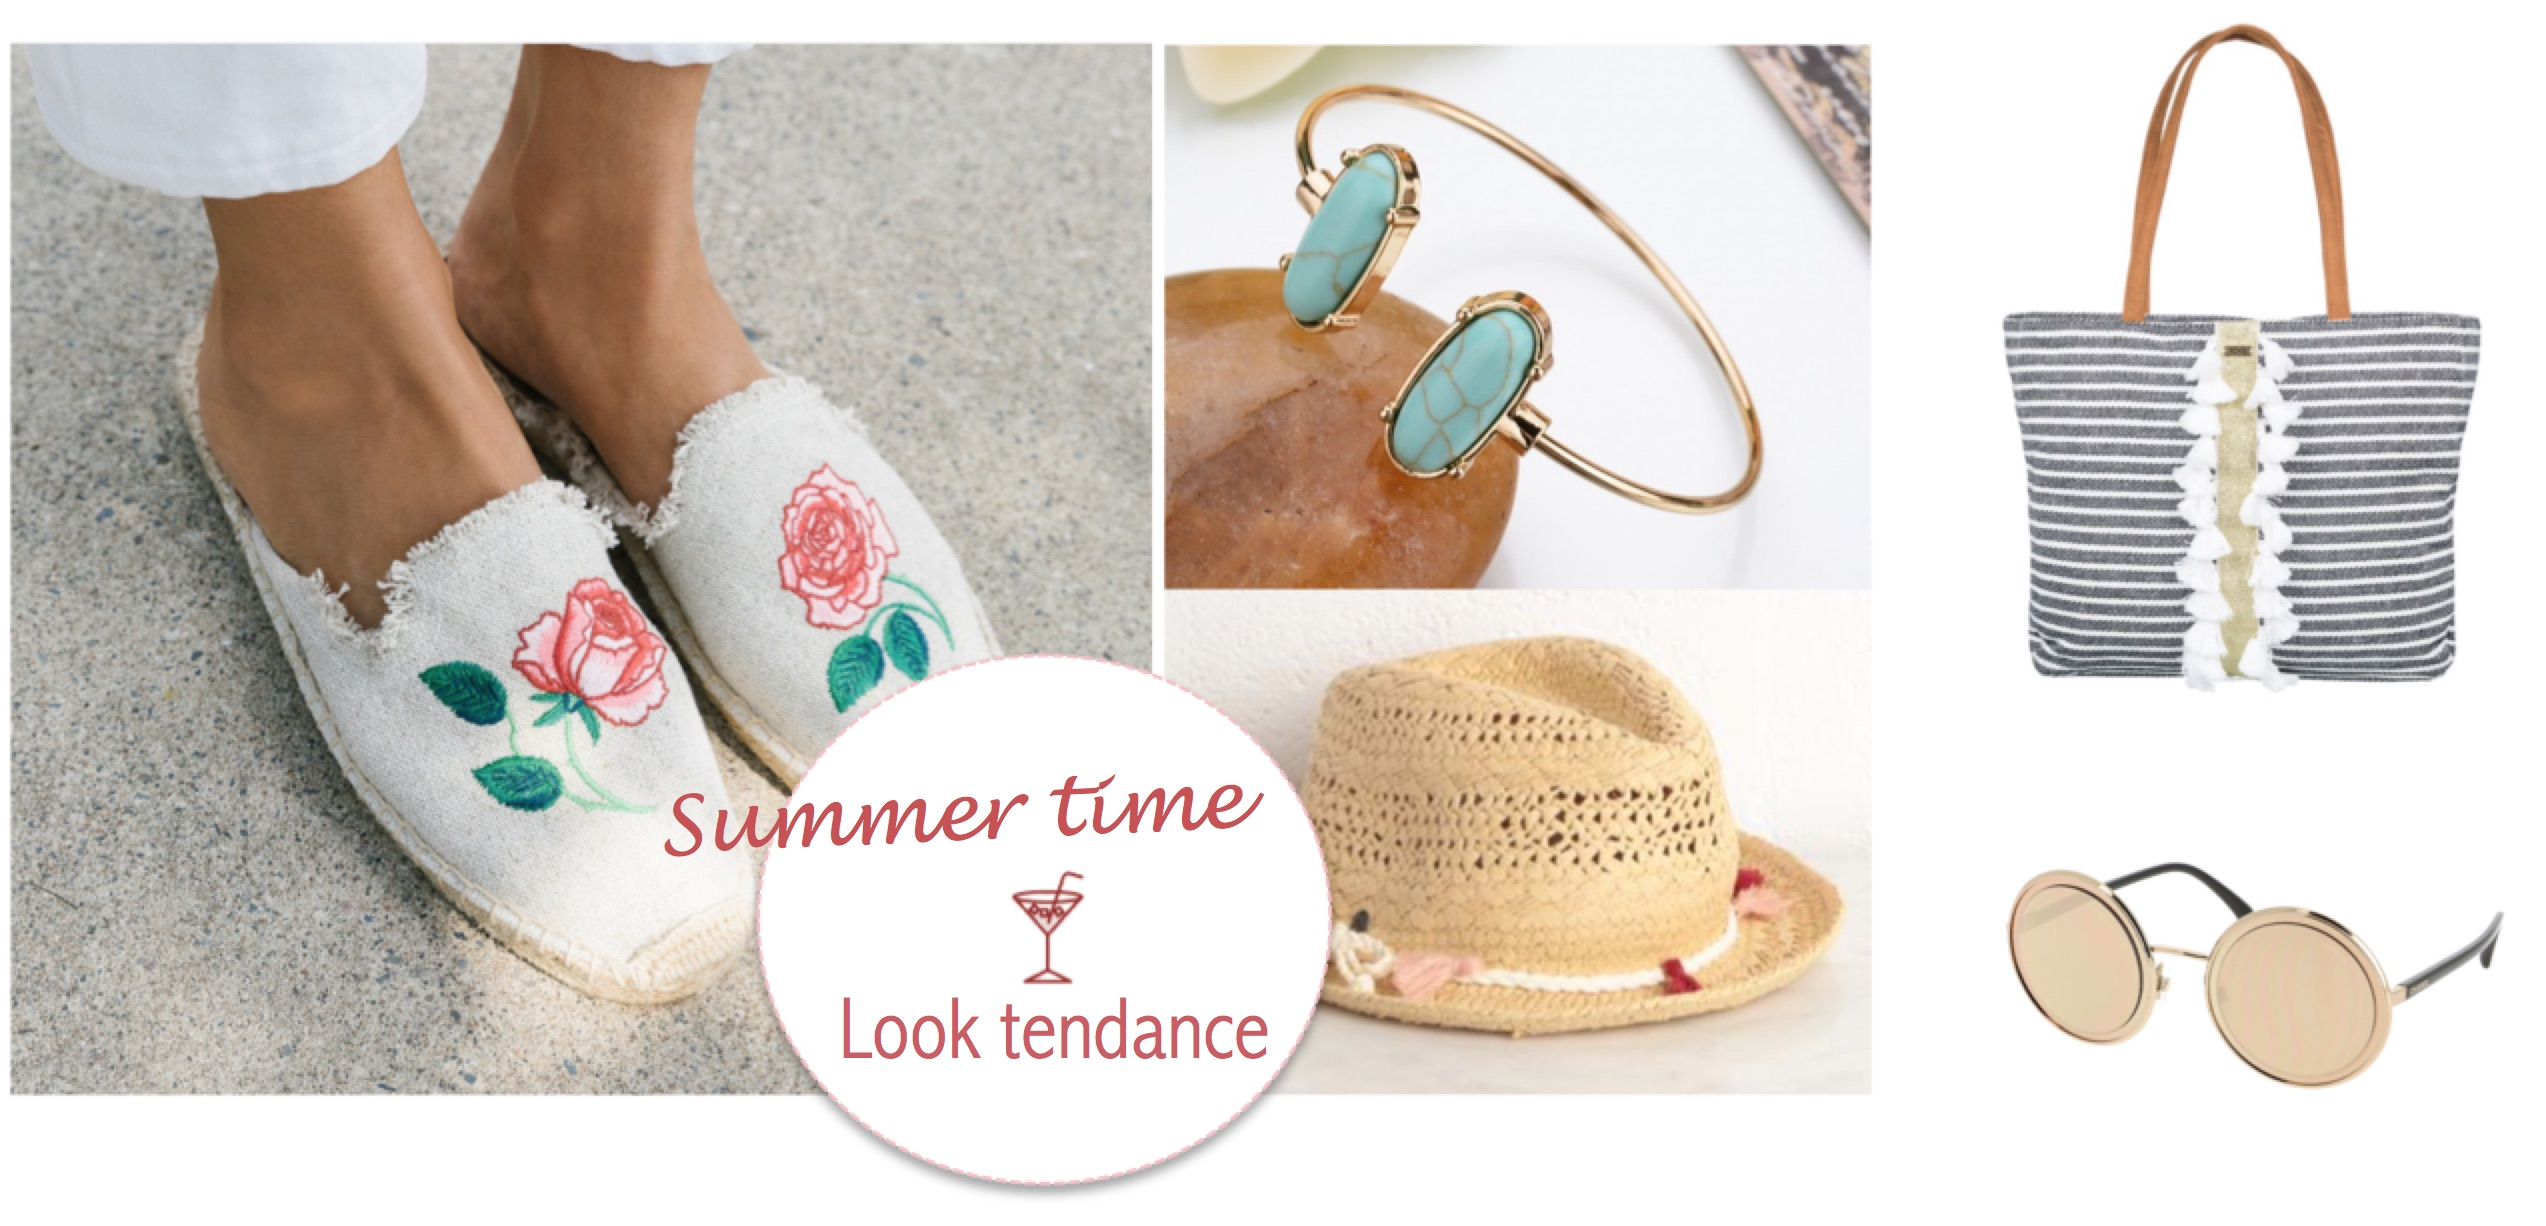 5 accessoires tendance pour l'été